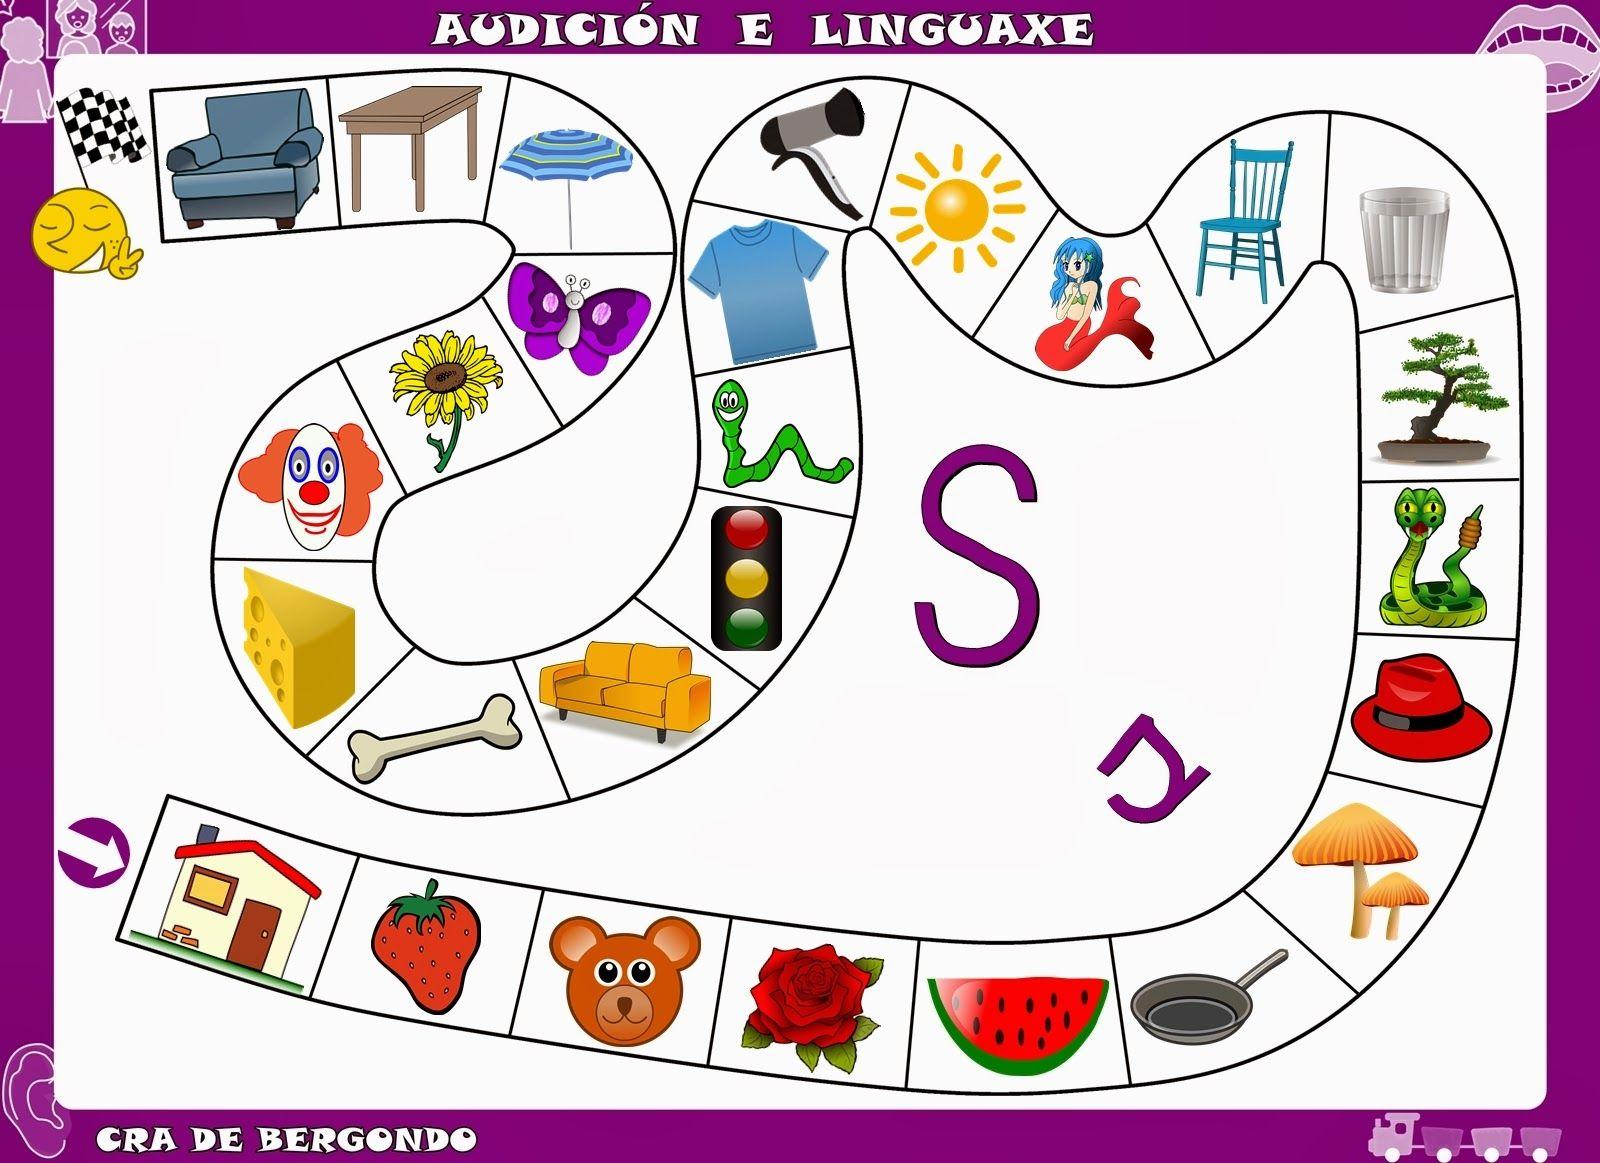 Hoy comparto con vosotr@s unas ocas fonéticas que elaboré para jugar con mis alumn@s :